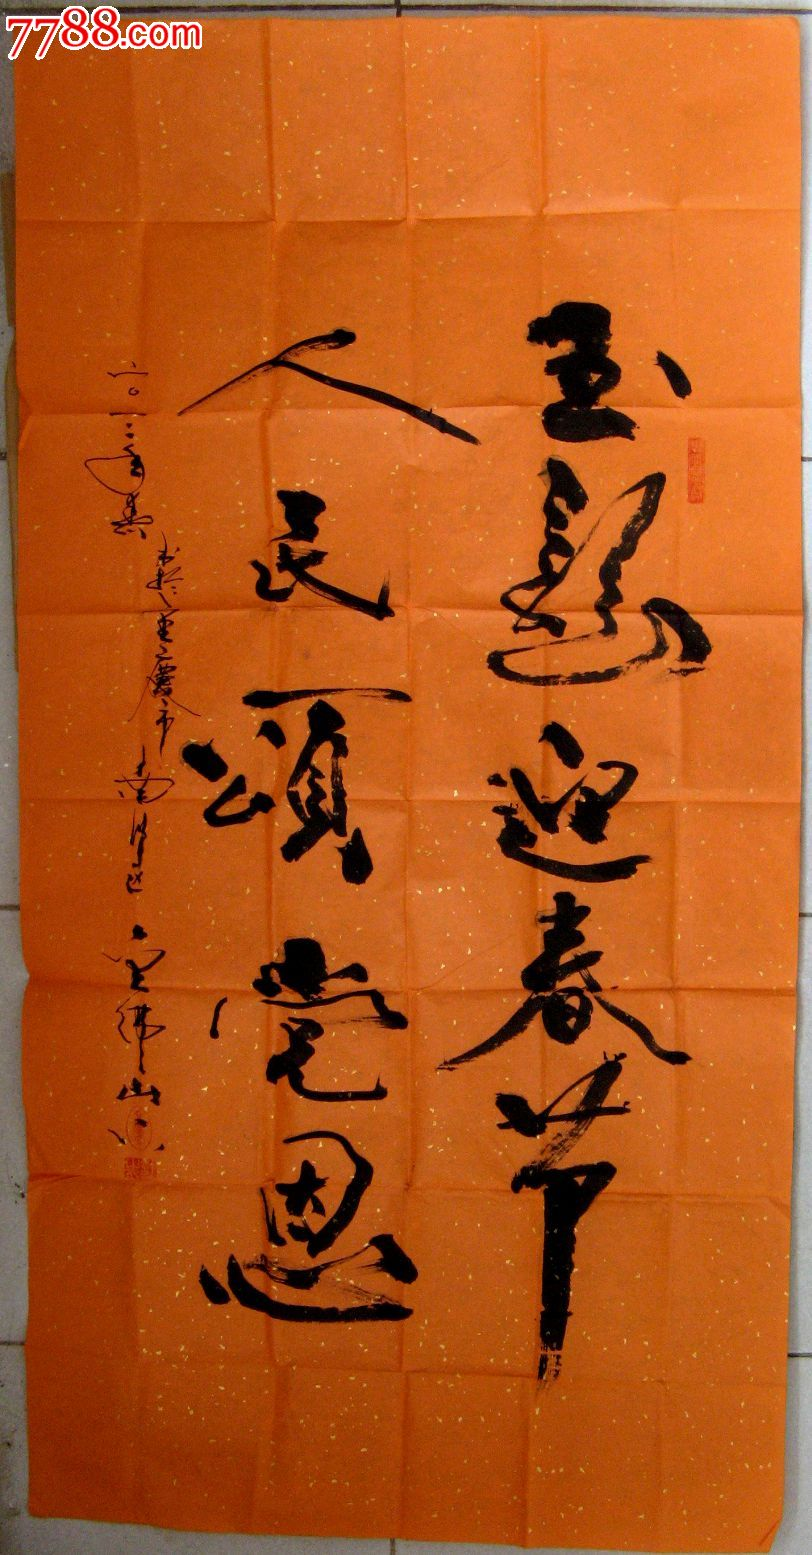 重庆老书家遒劲豪放的四尺条幅草书《玉发迎春节,人民图片